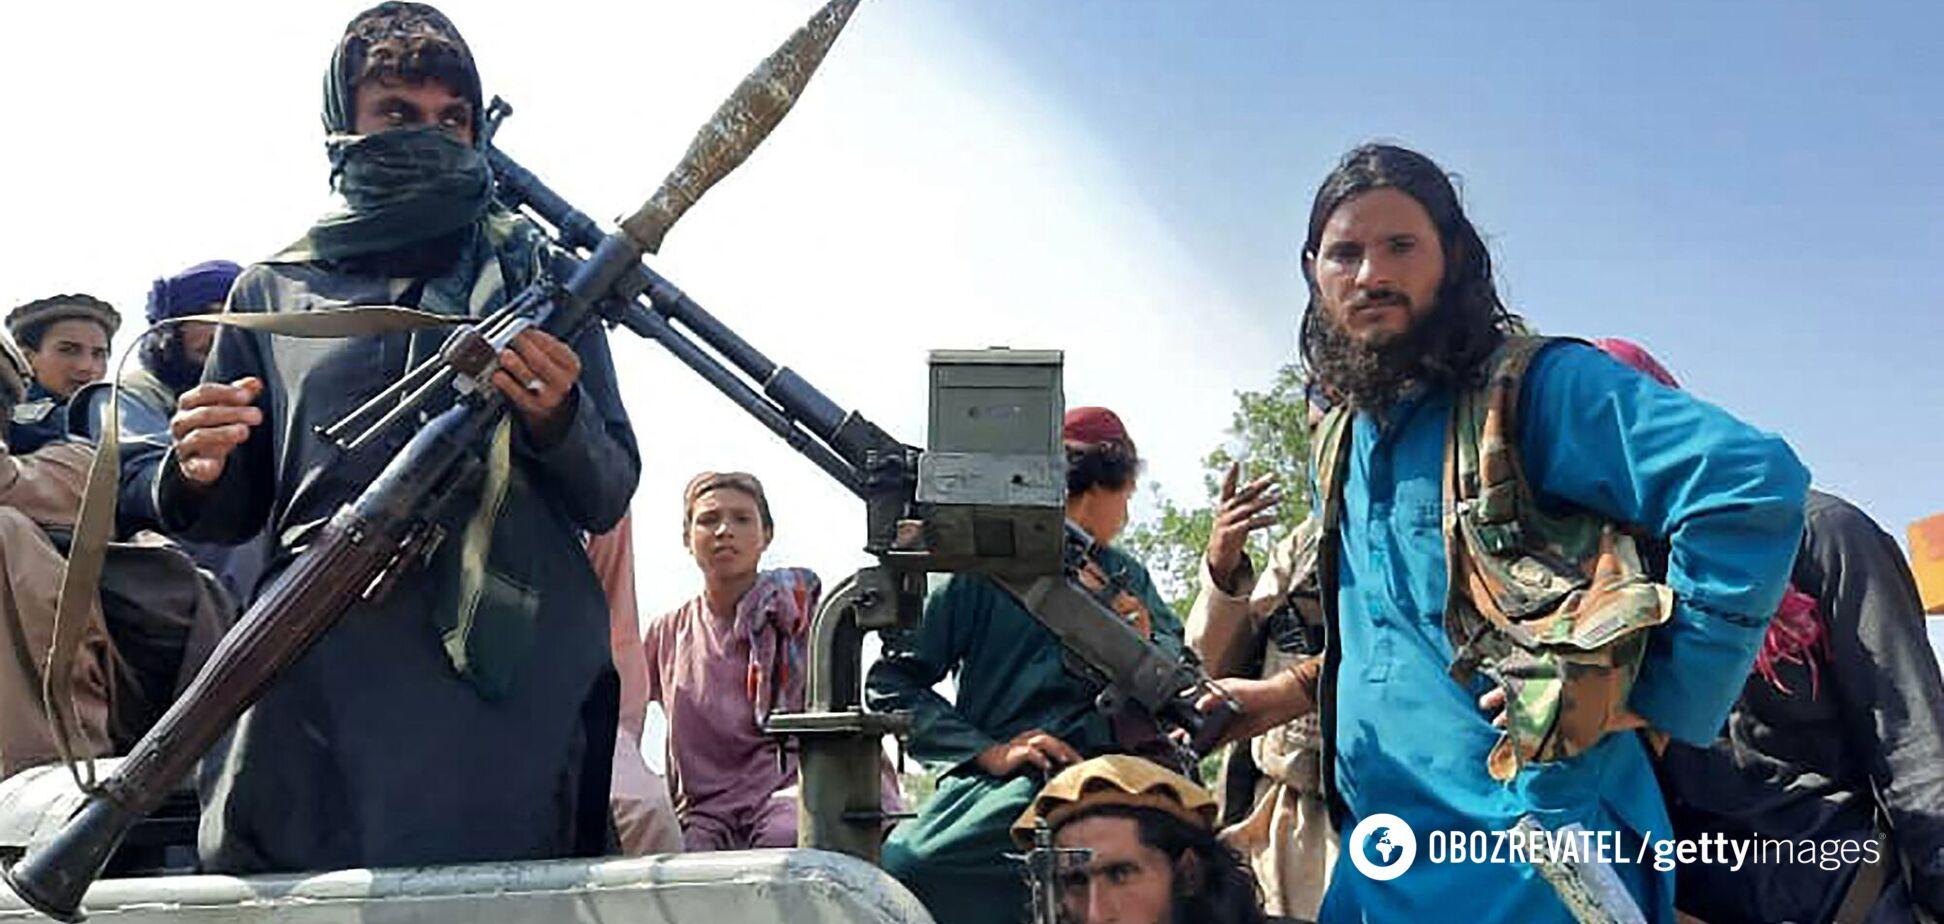 Боевик 'Талибана' рассказал об убийствах мирных жителей в Афганистане и противостоянии с США